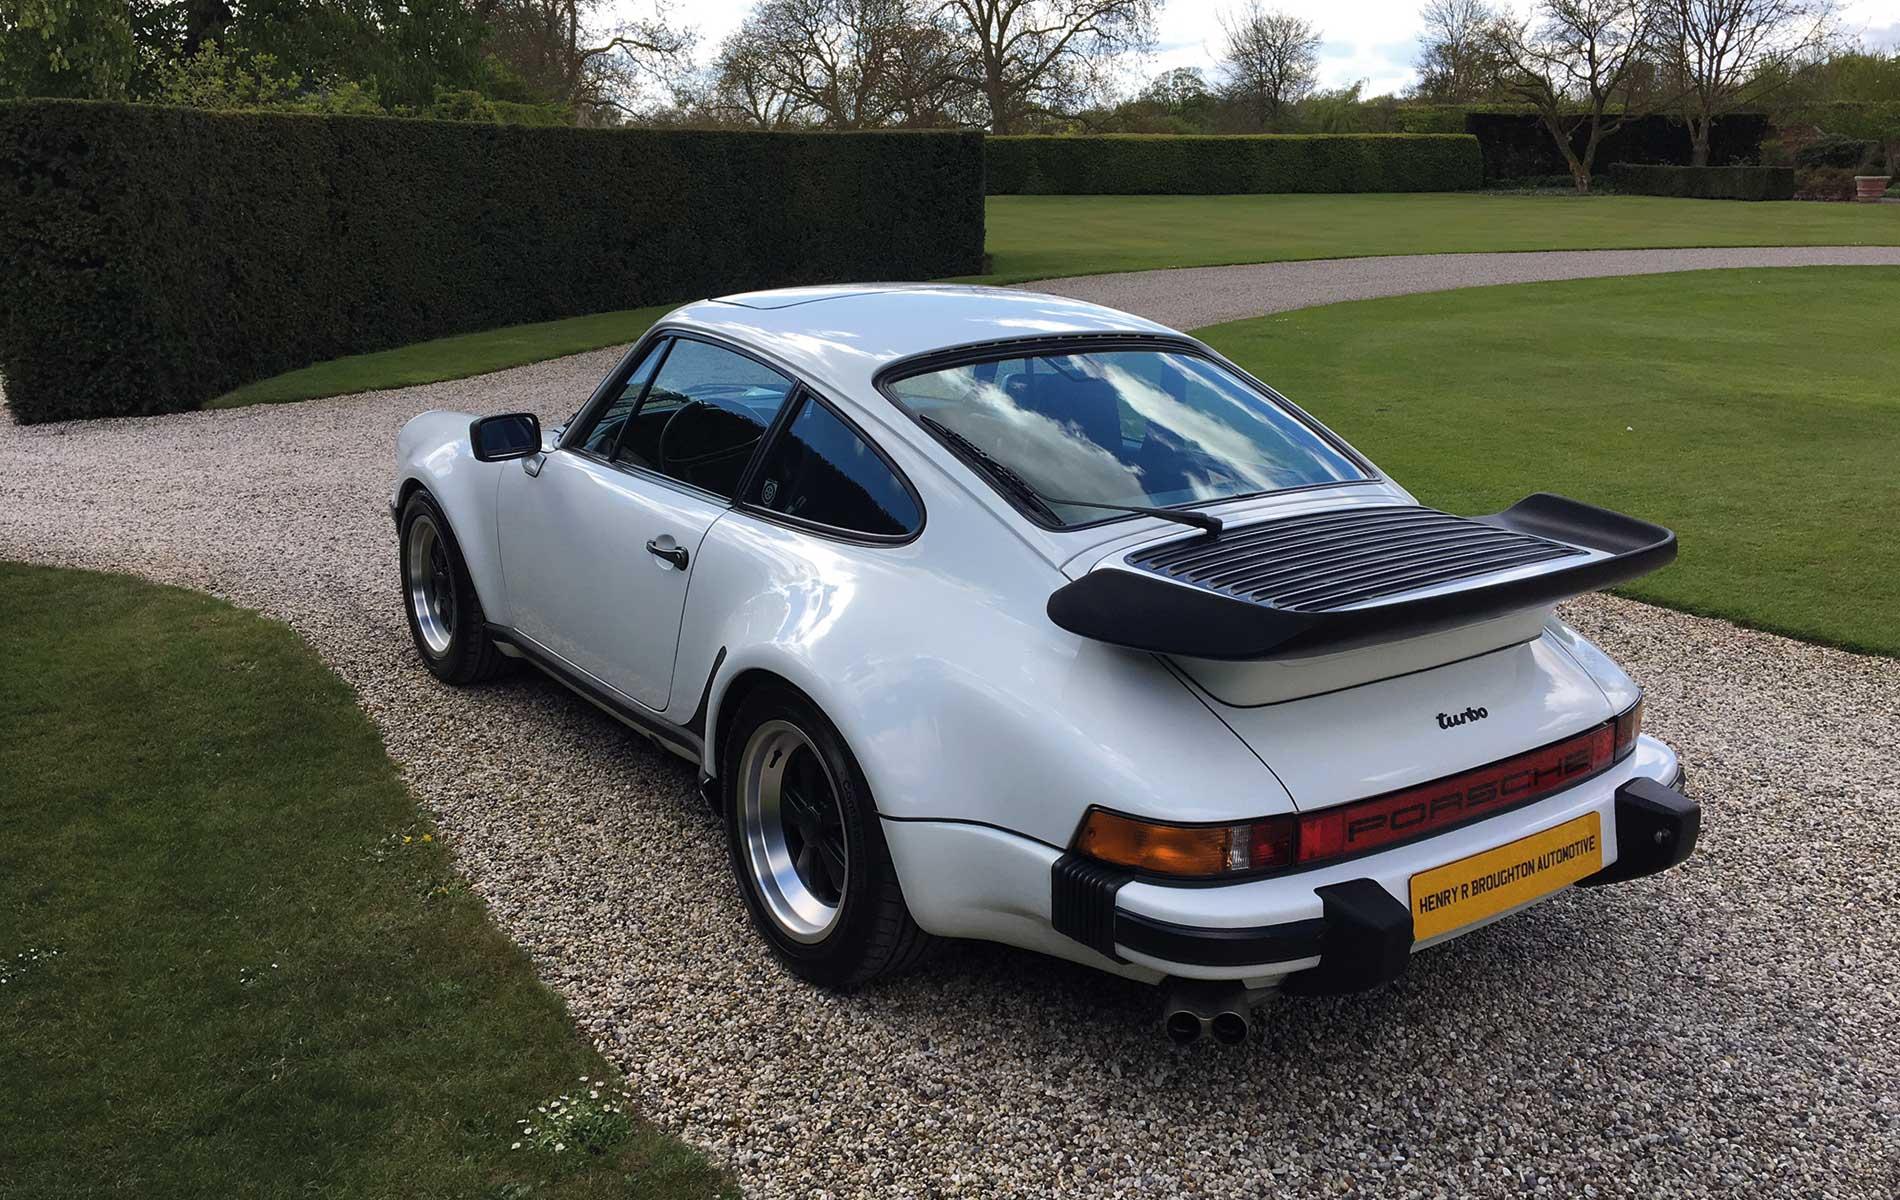 hrb_automotive_1986_Porsche_911_Turbo_05_17_7